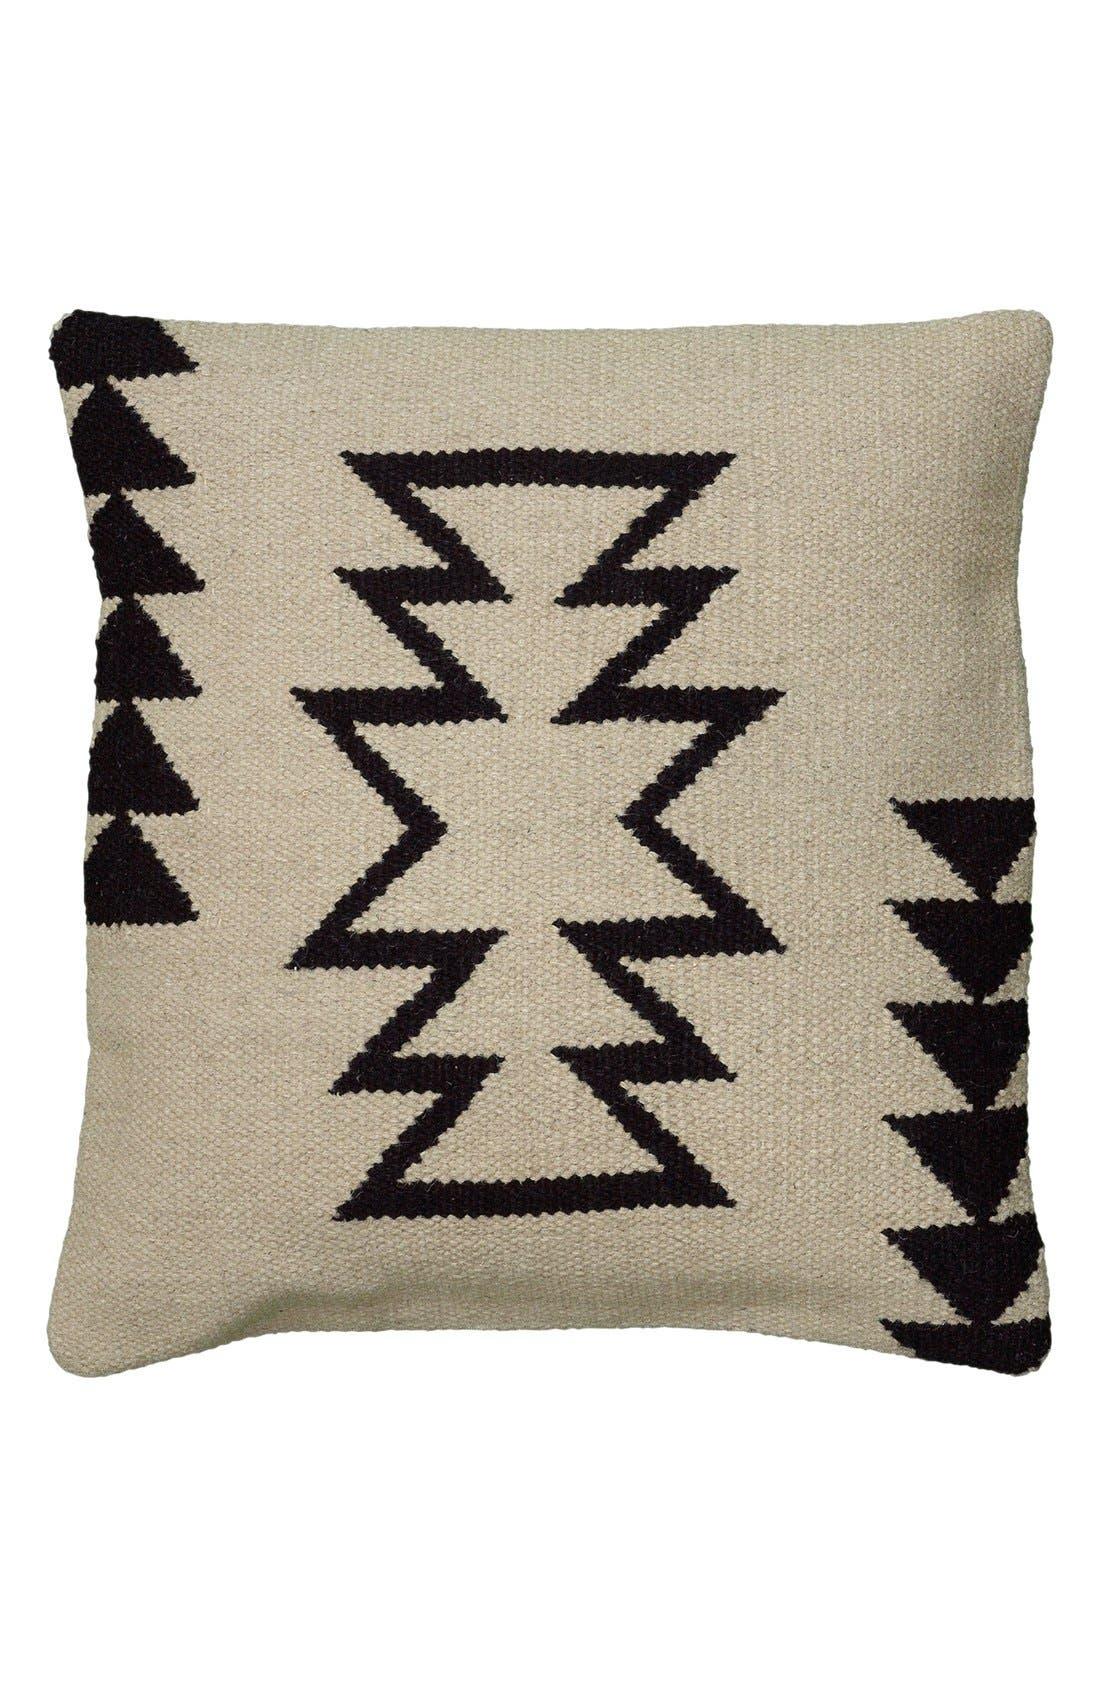 'Phoenix' Pillow,                         Main,                         color, Ivory/ Black